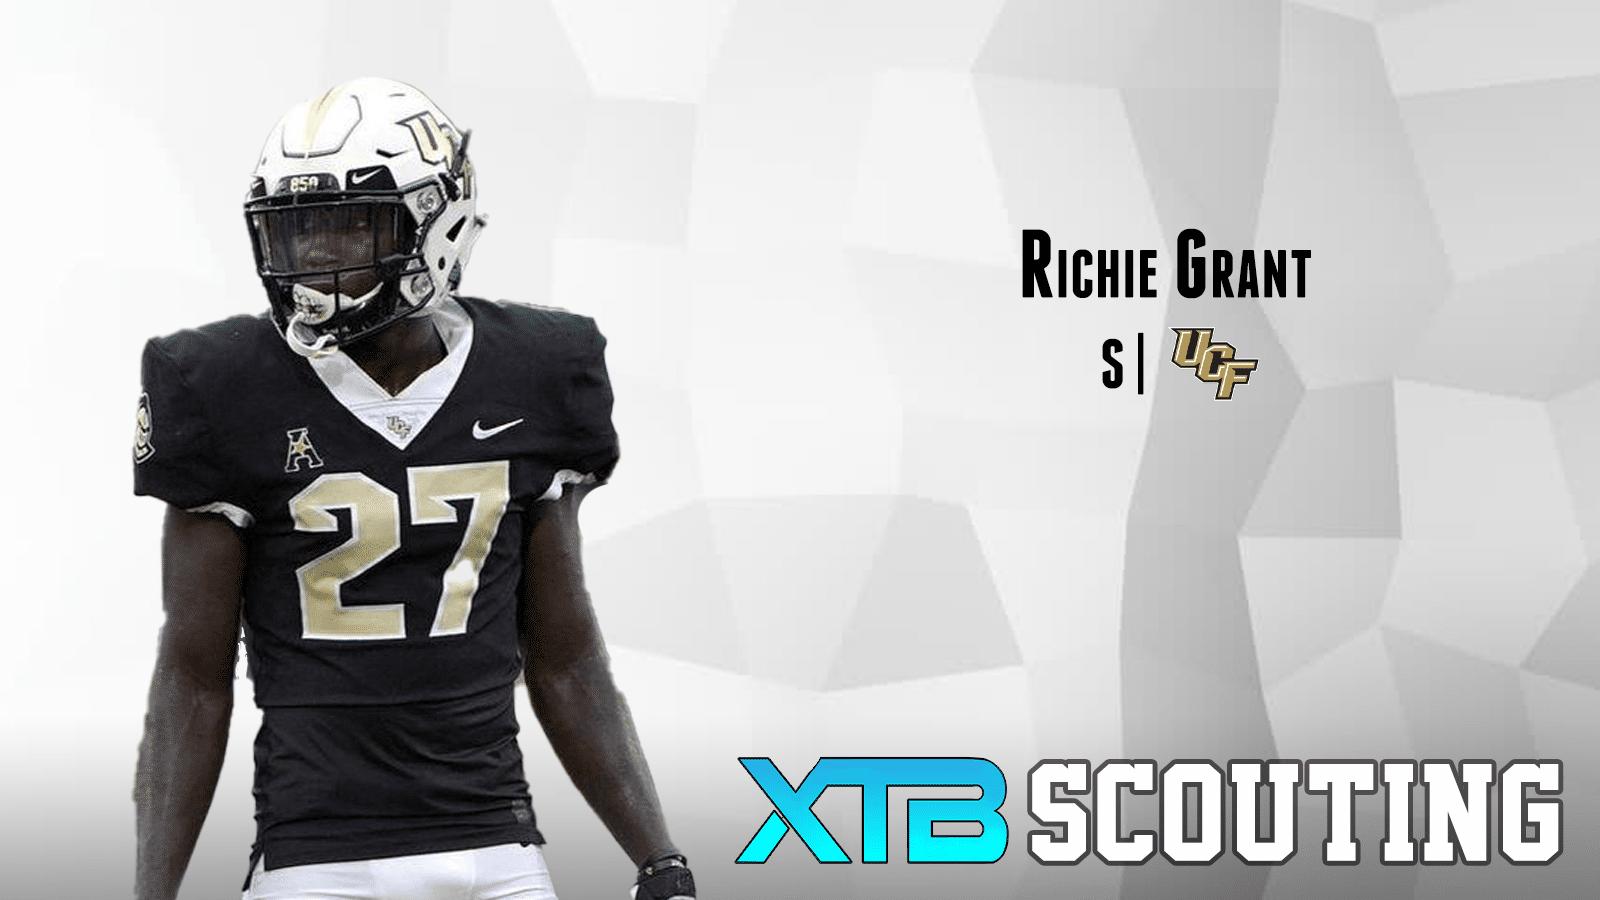 Richie Grant